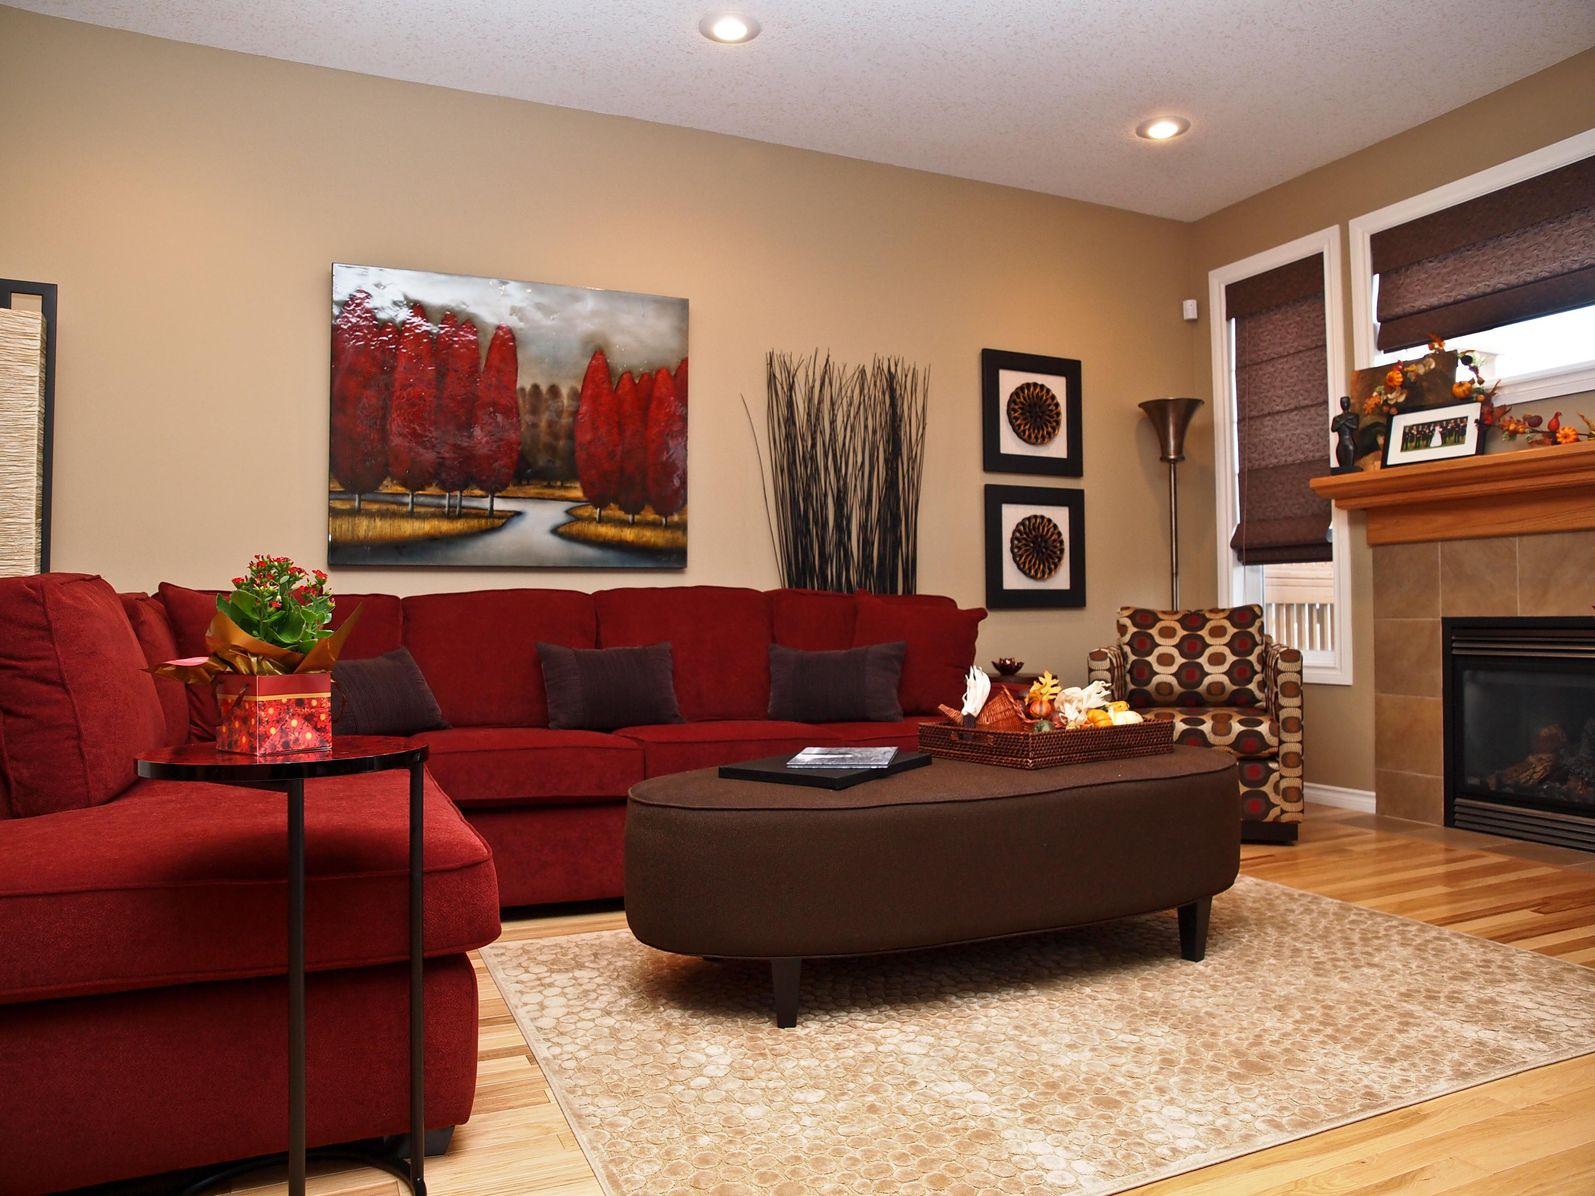 Сочетание коричневого цвета с красным в интерьере